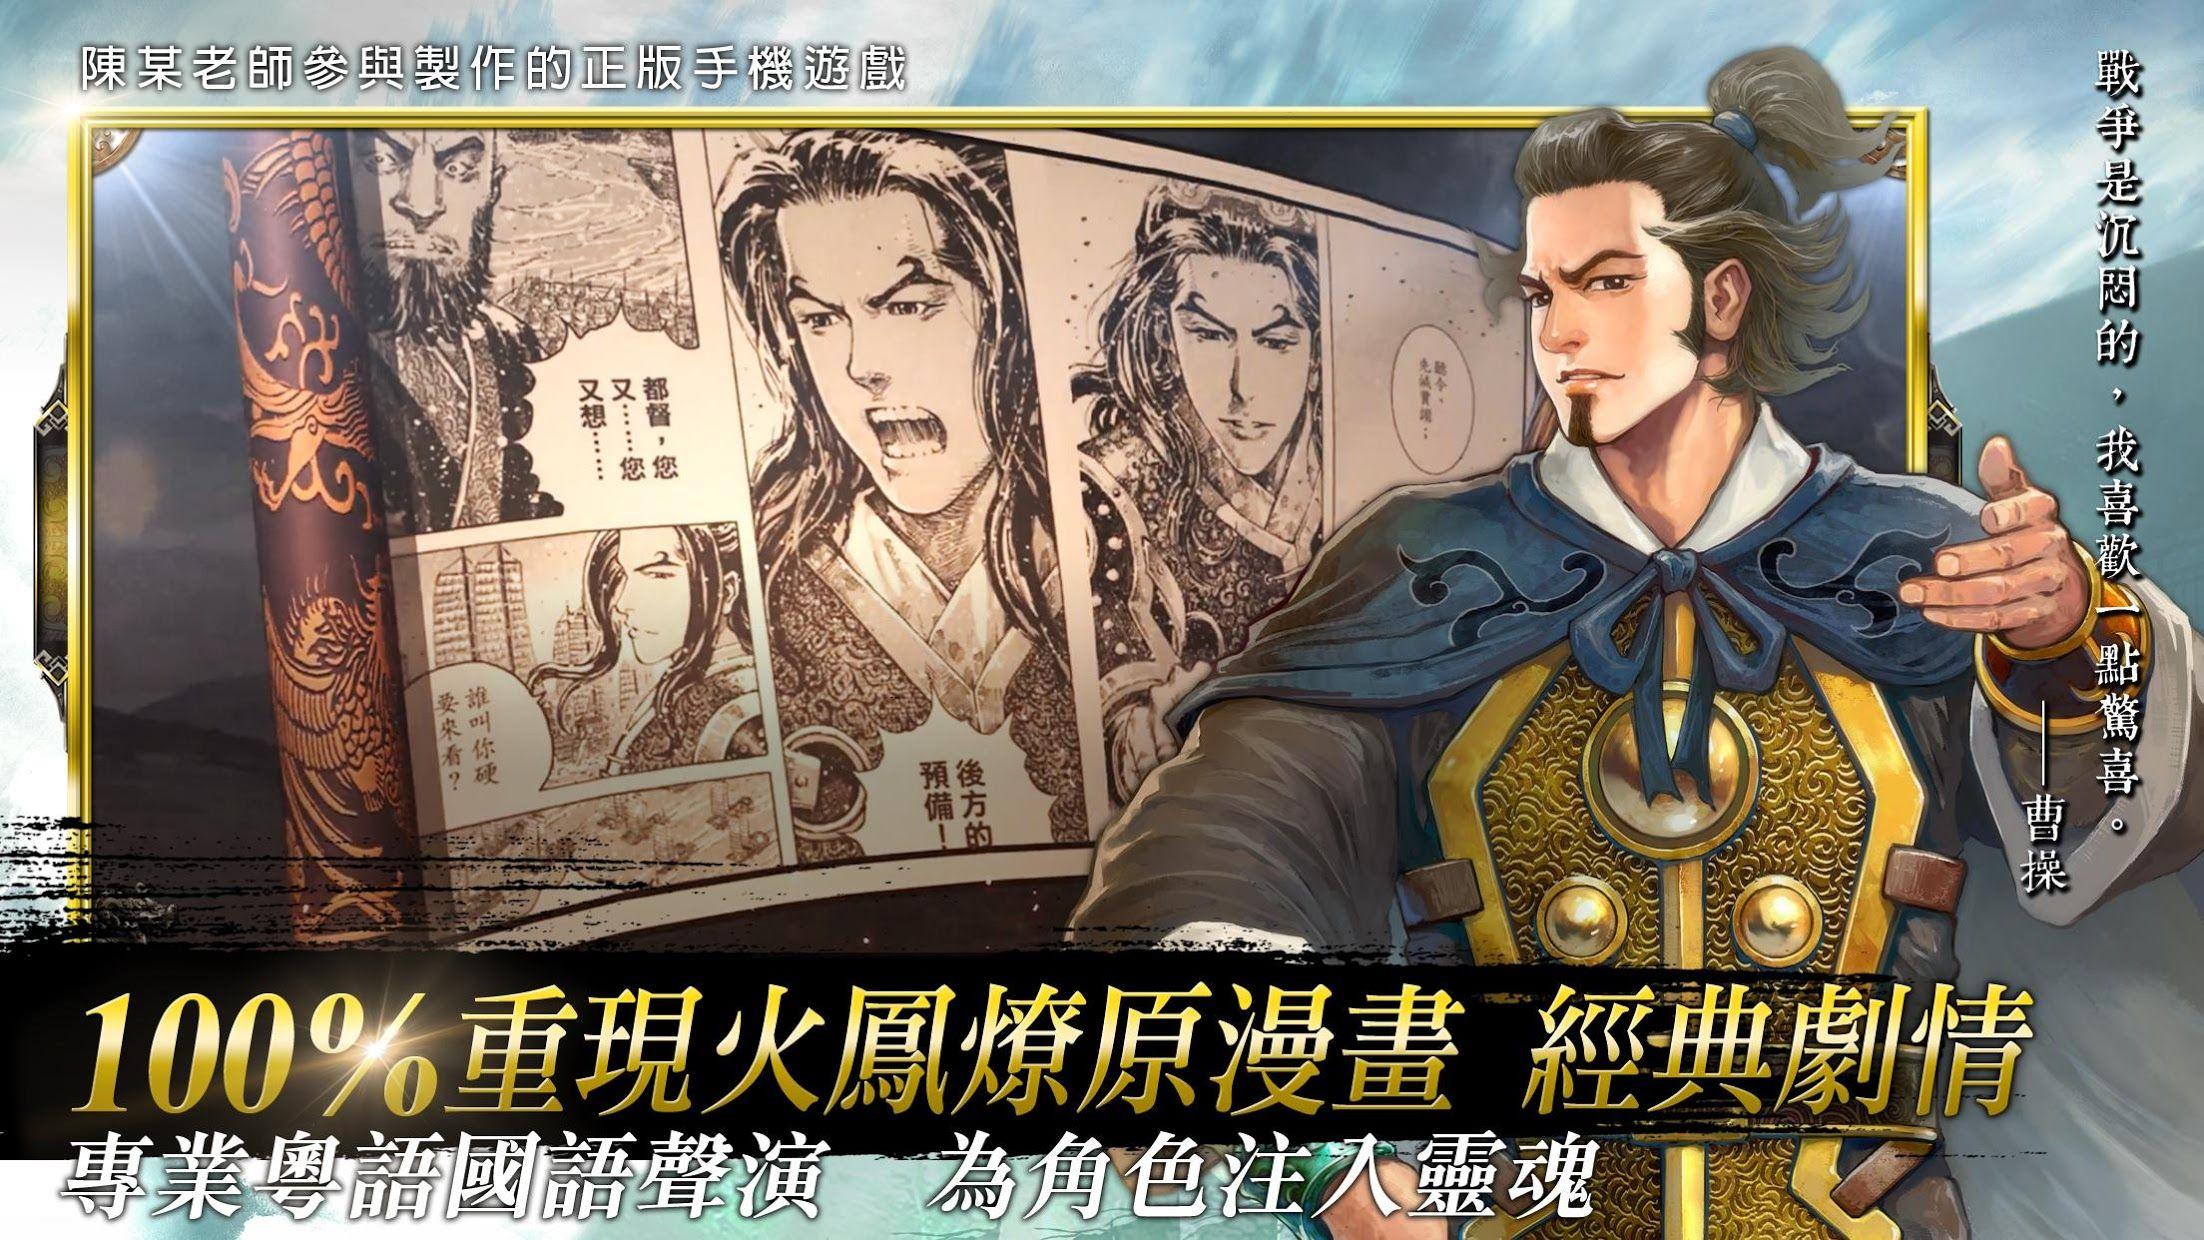 新火凤燎原-乱世英雄 游戏截图3